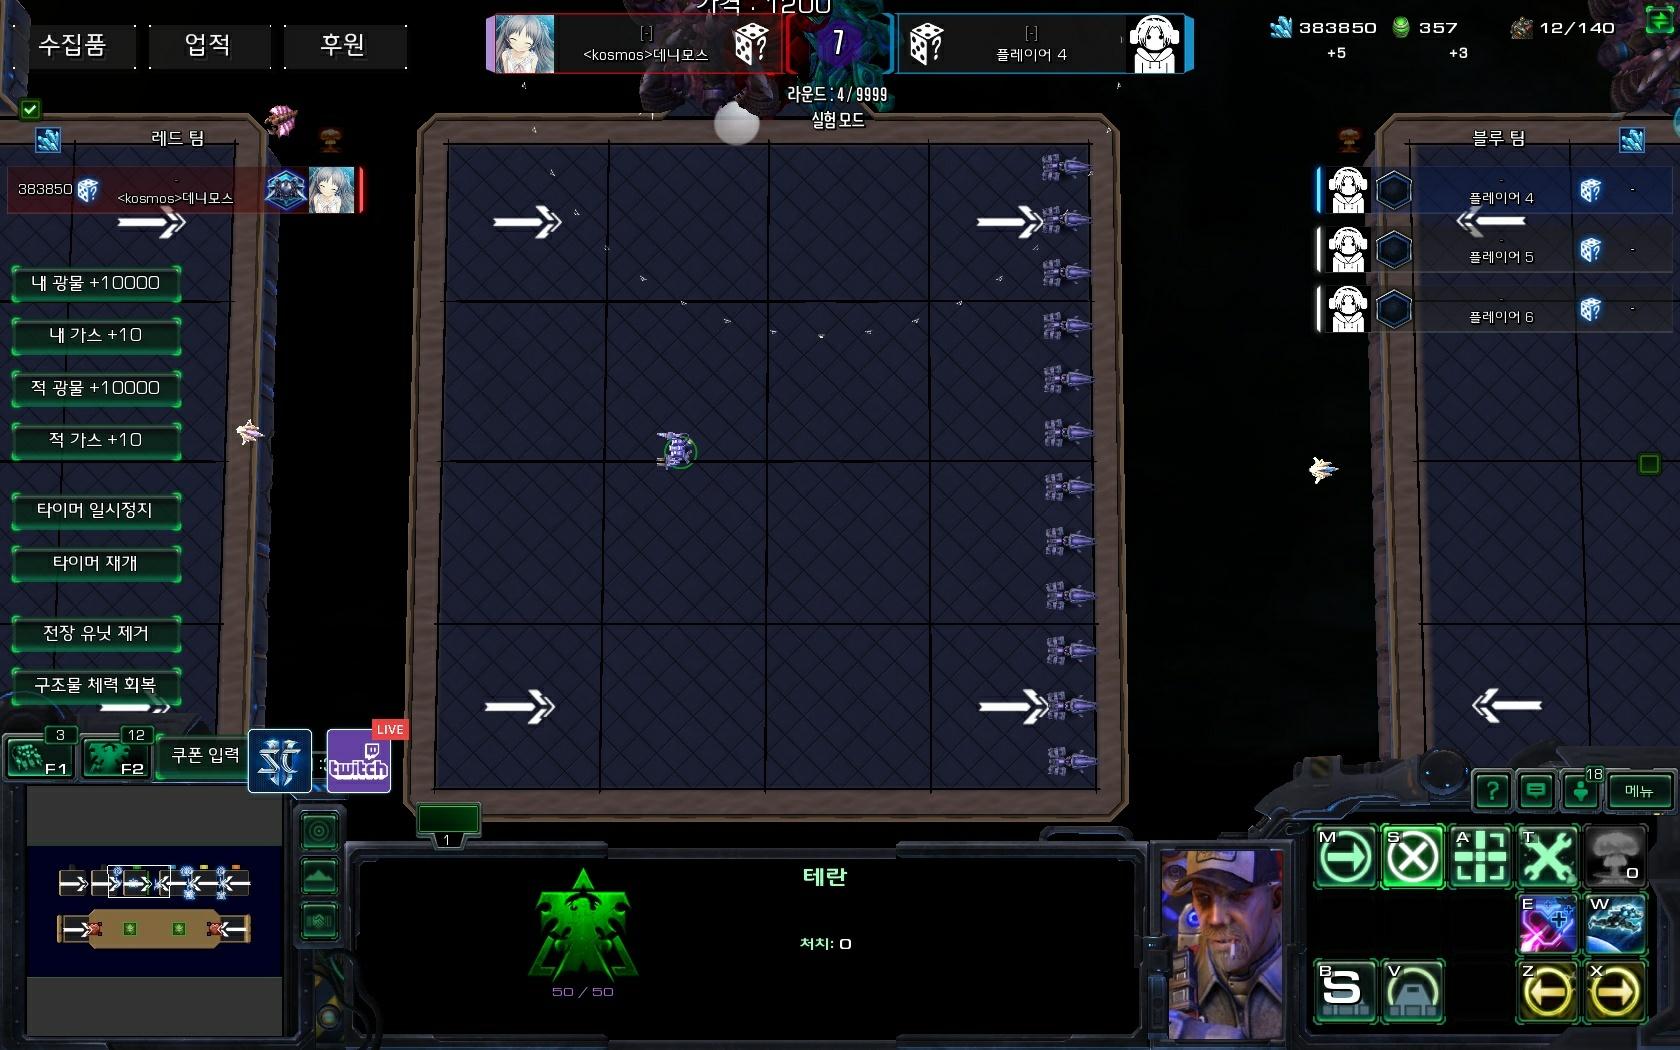 Screenshot2020-08-09 09_49_34.jpg